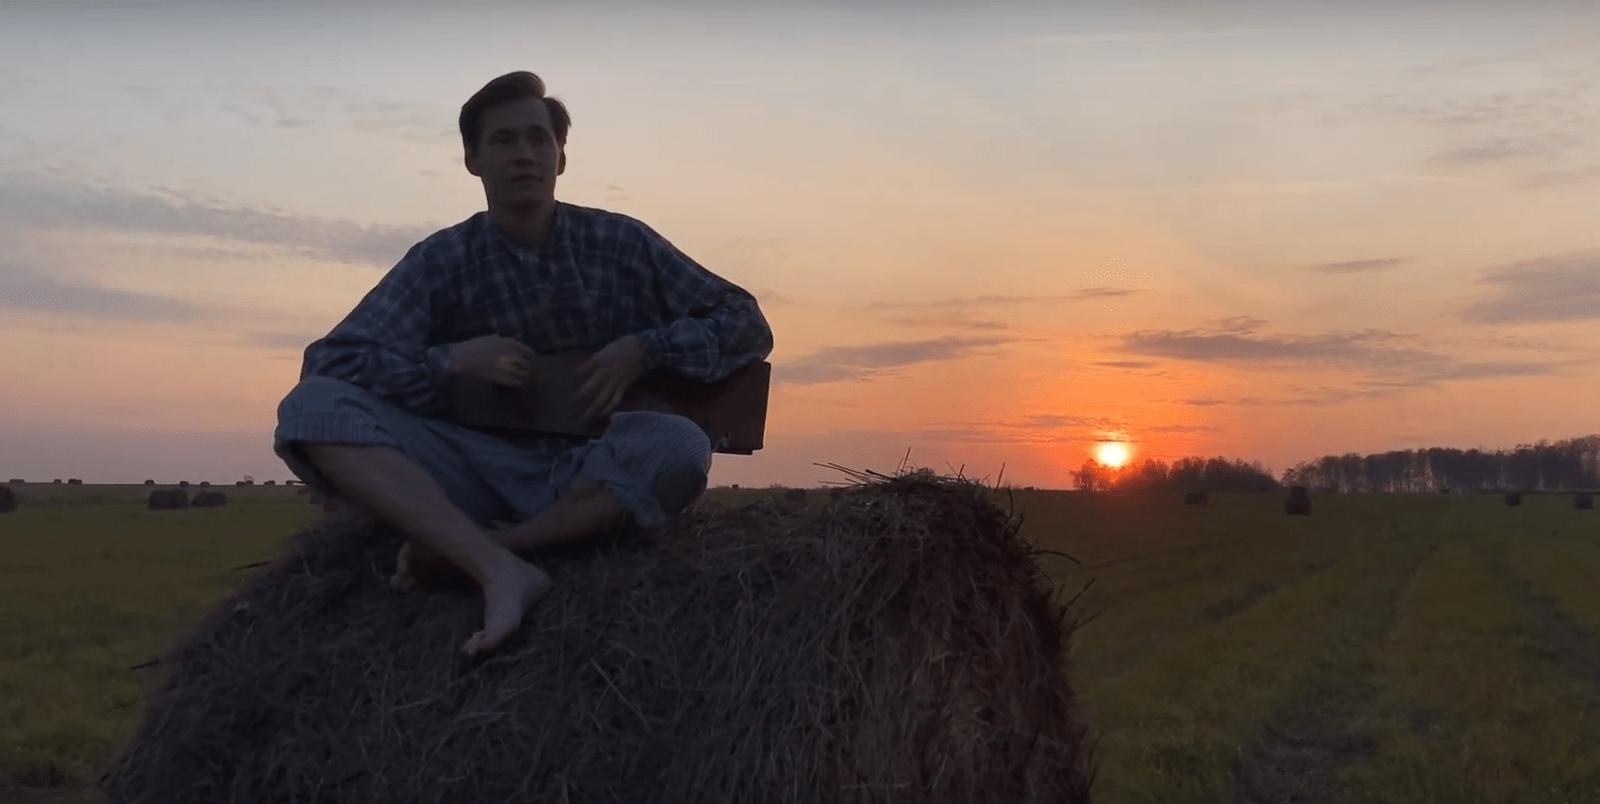 Гусляр из Торжка снял клип с актером Андреем Мерзликиным